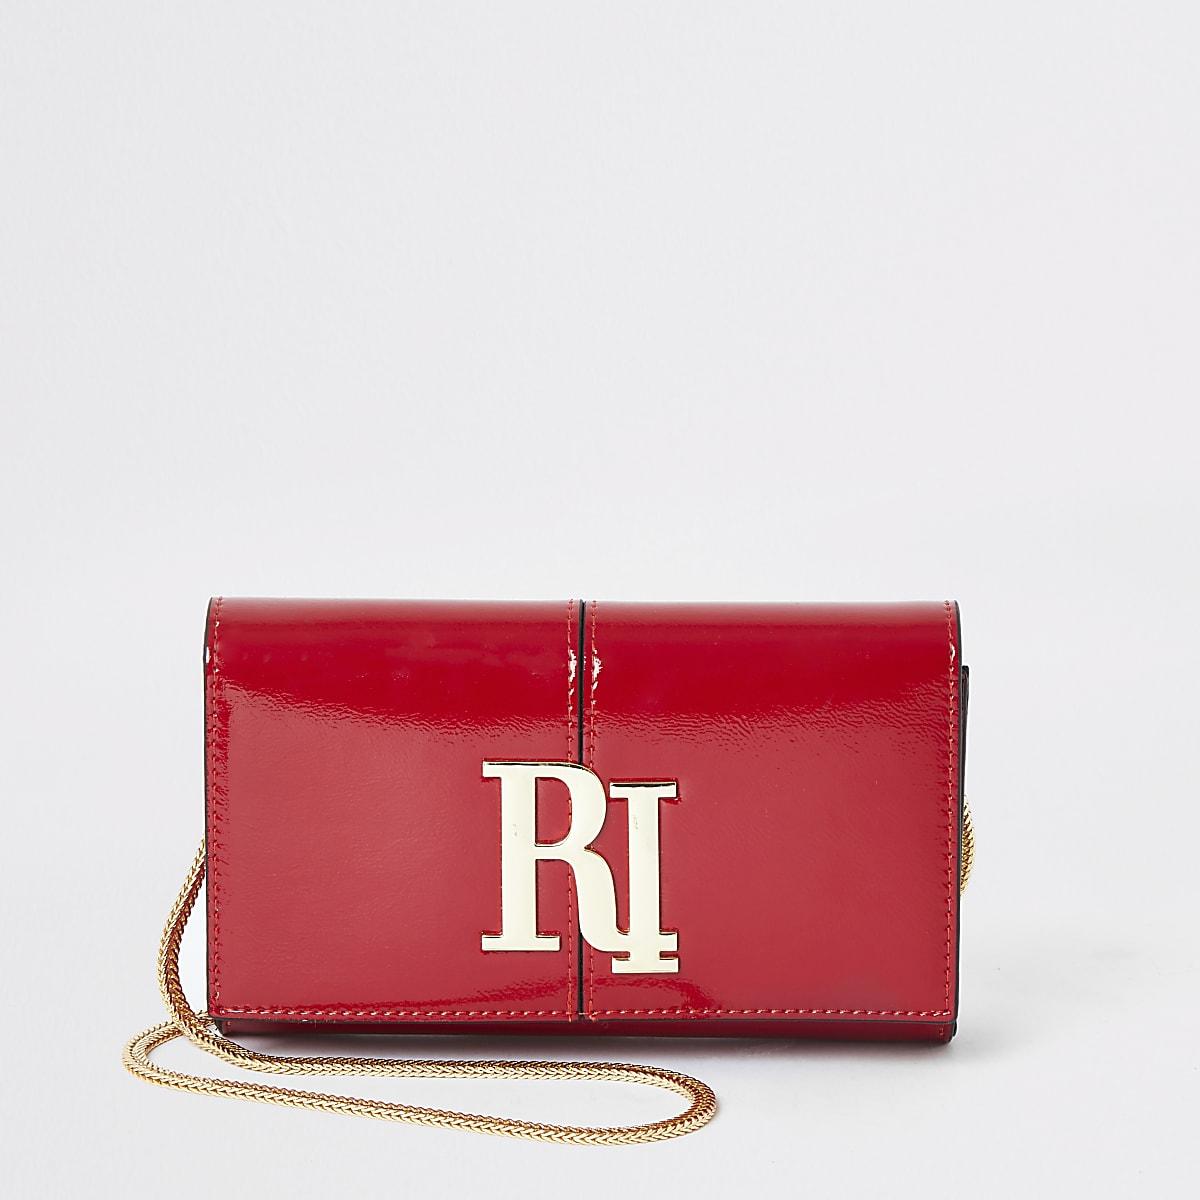 Rode lakleren onderarmclutch met RI-logo